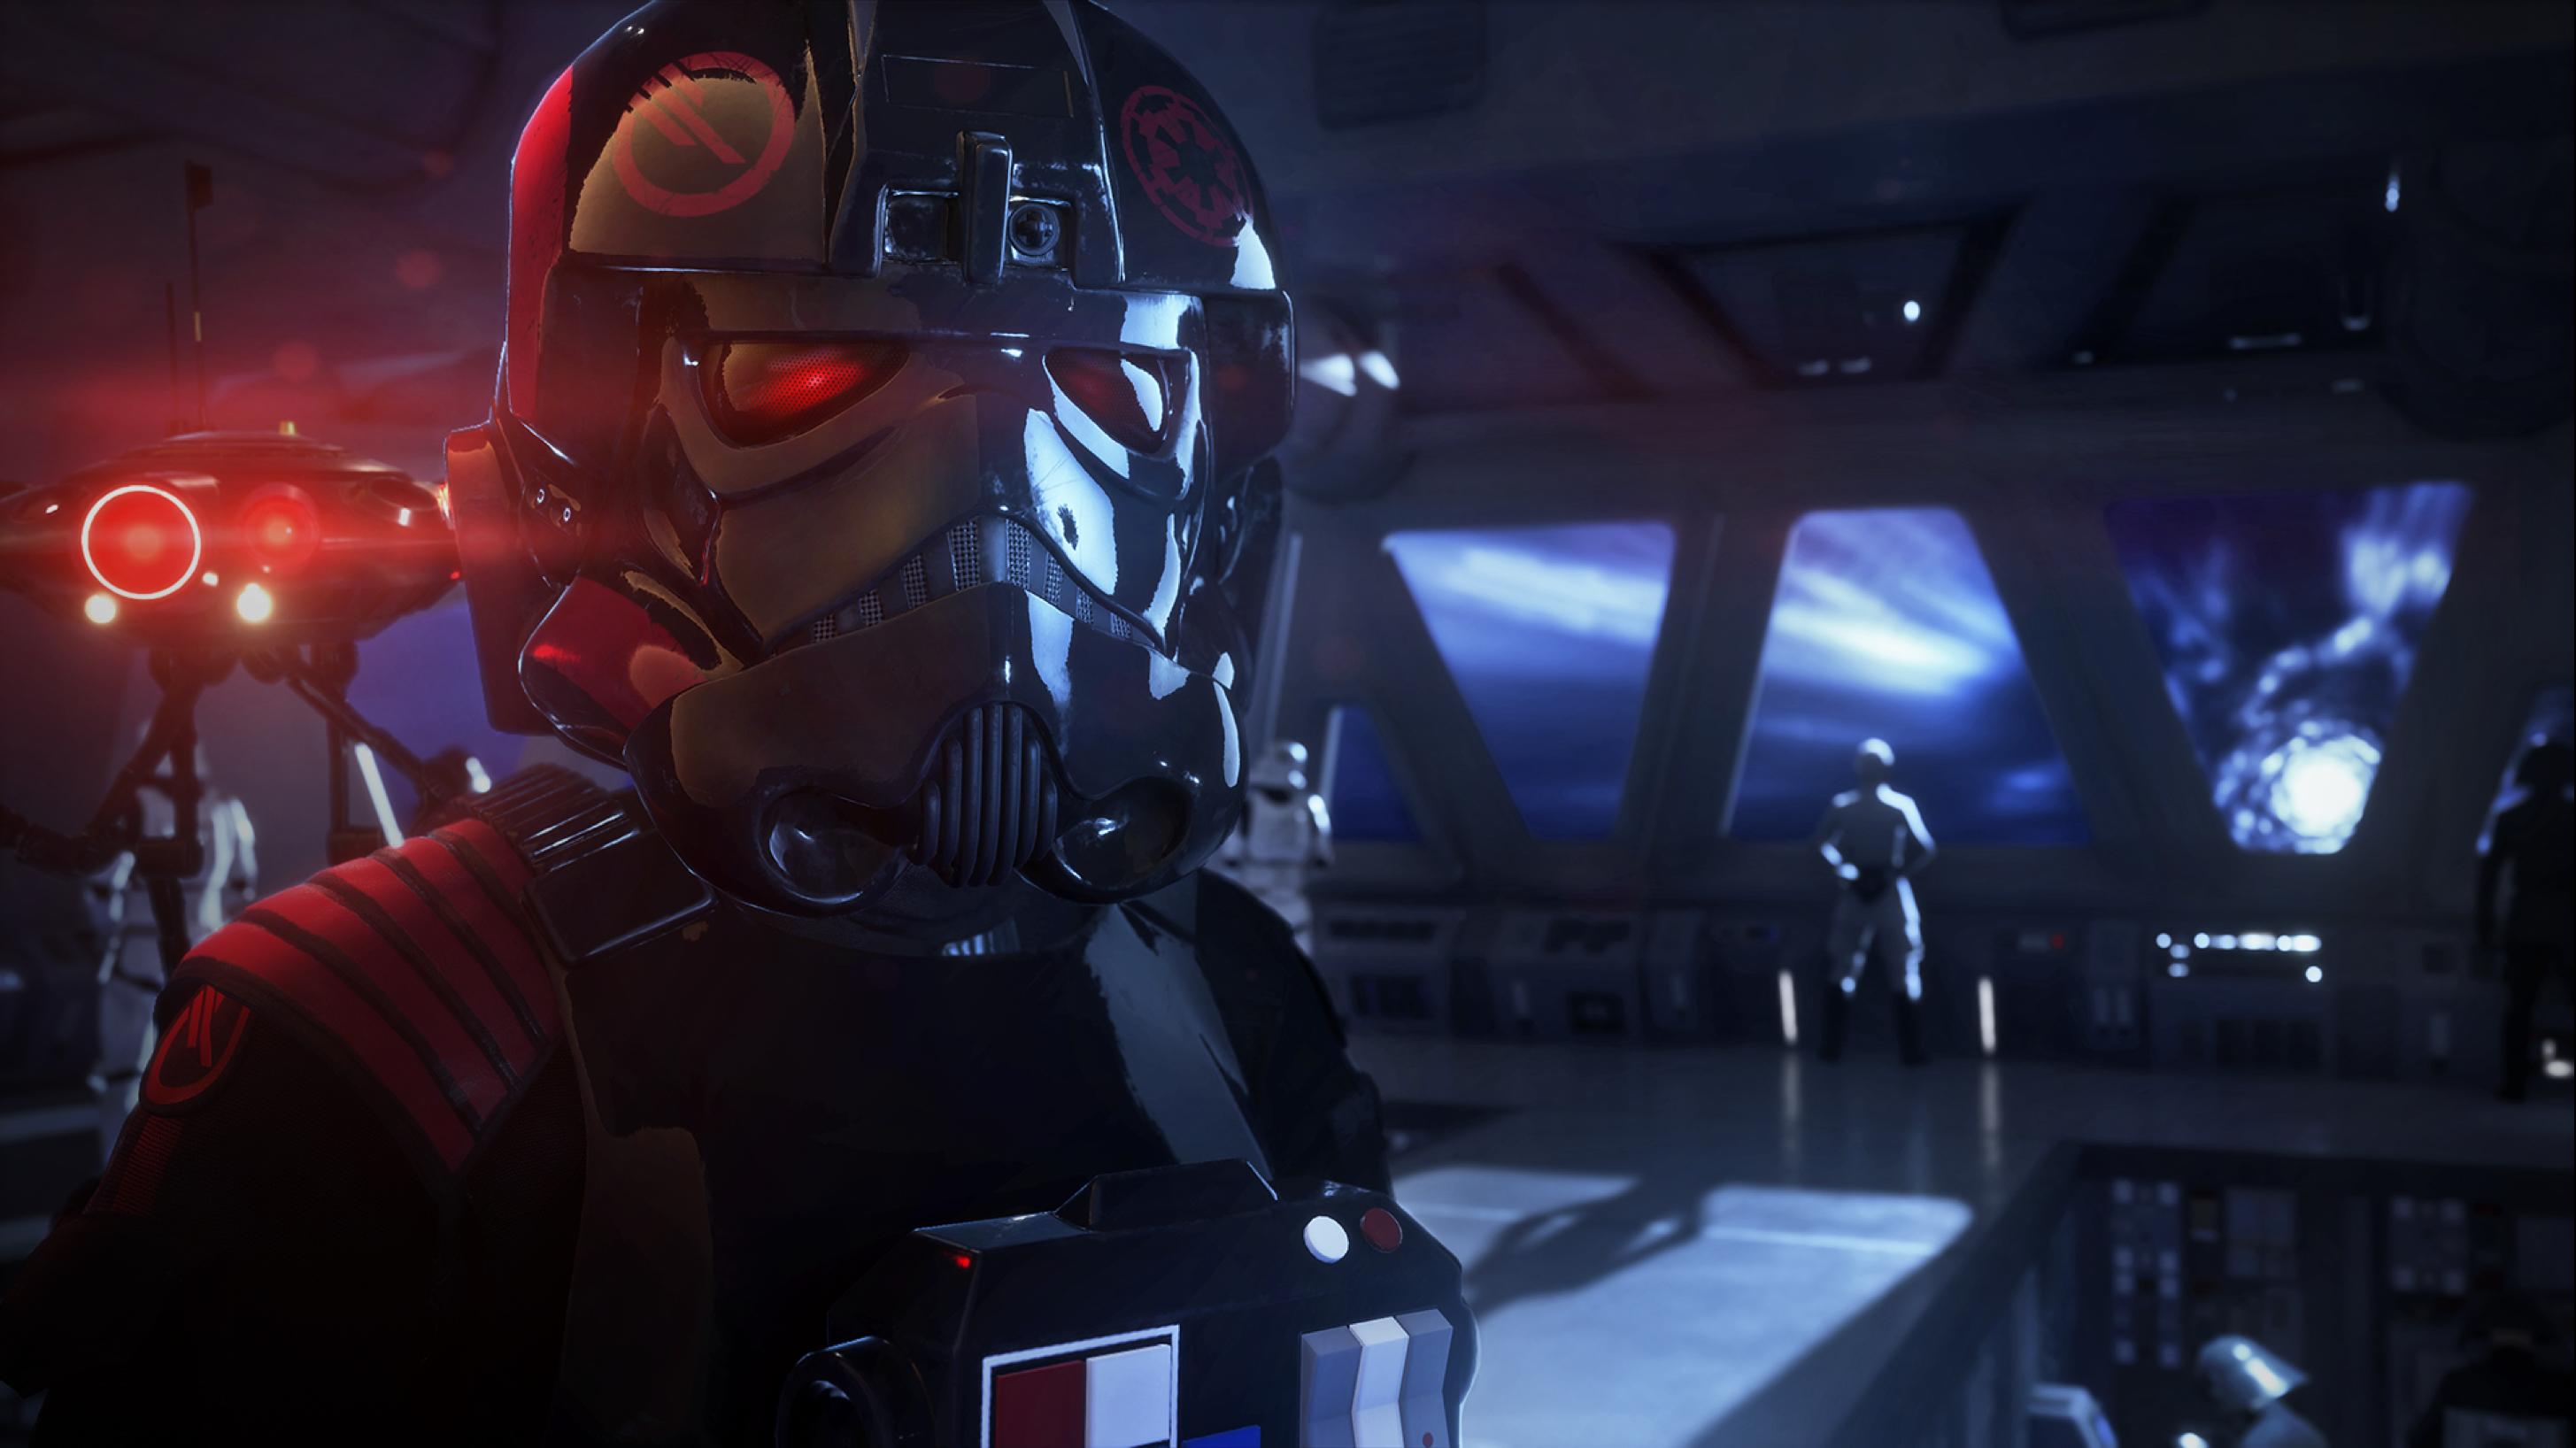 První trailer láká na Star Wars: Battlefront 2, hra vyjde 17. listopadu 142274